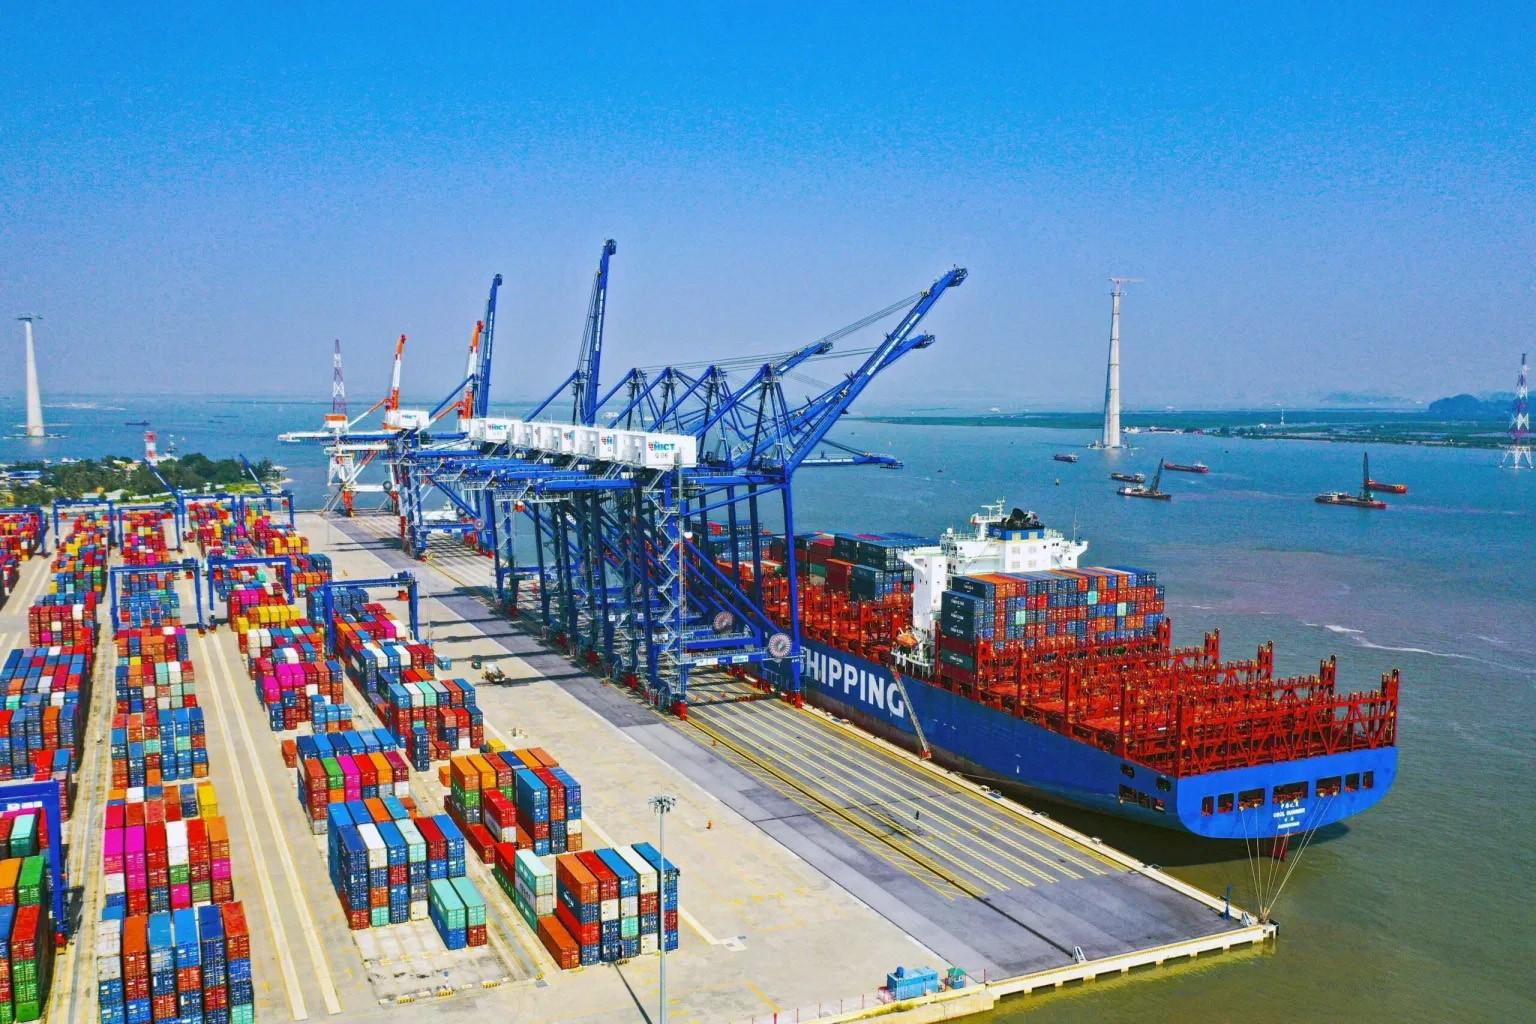 Cảng biển nước sâu Gành Hào - Bạc Liêu tầm nhìn 2030 sẽ là dấu ấn thúc đẩy kinh tế của ĐBSCL